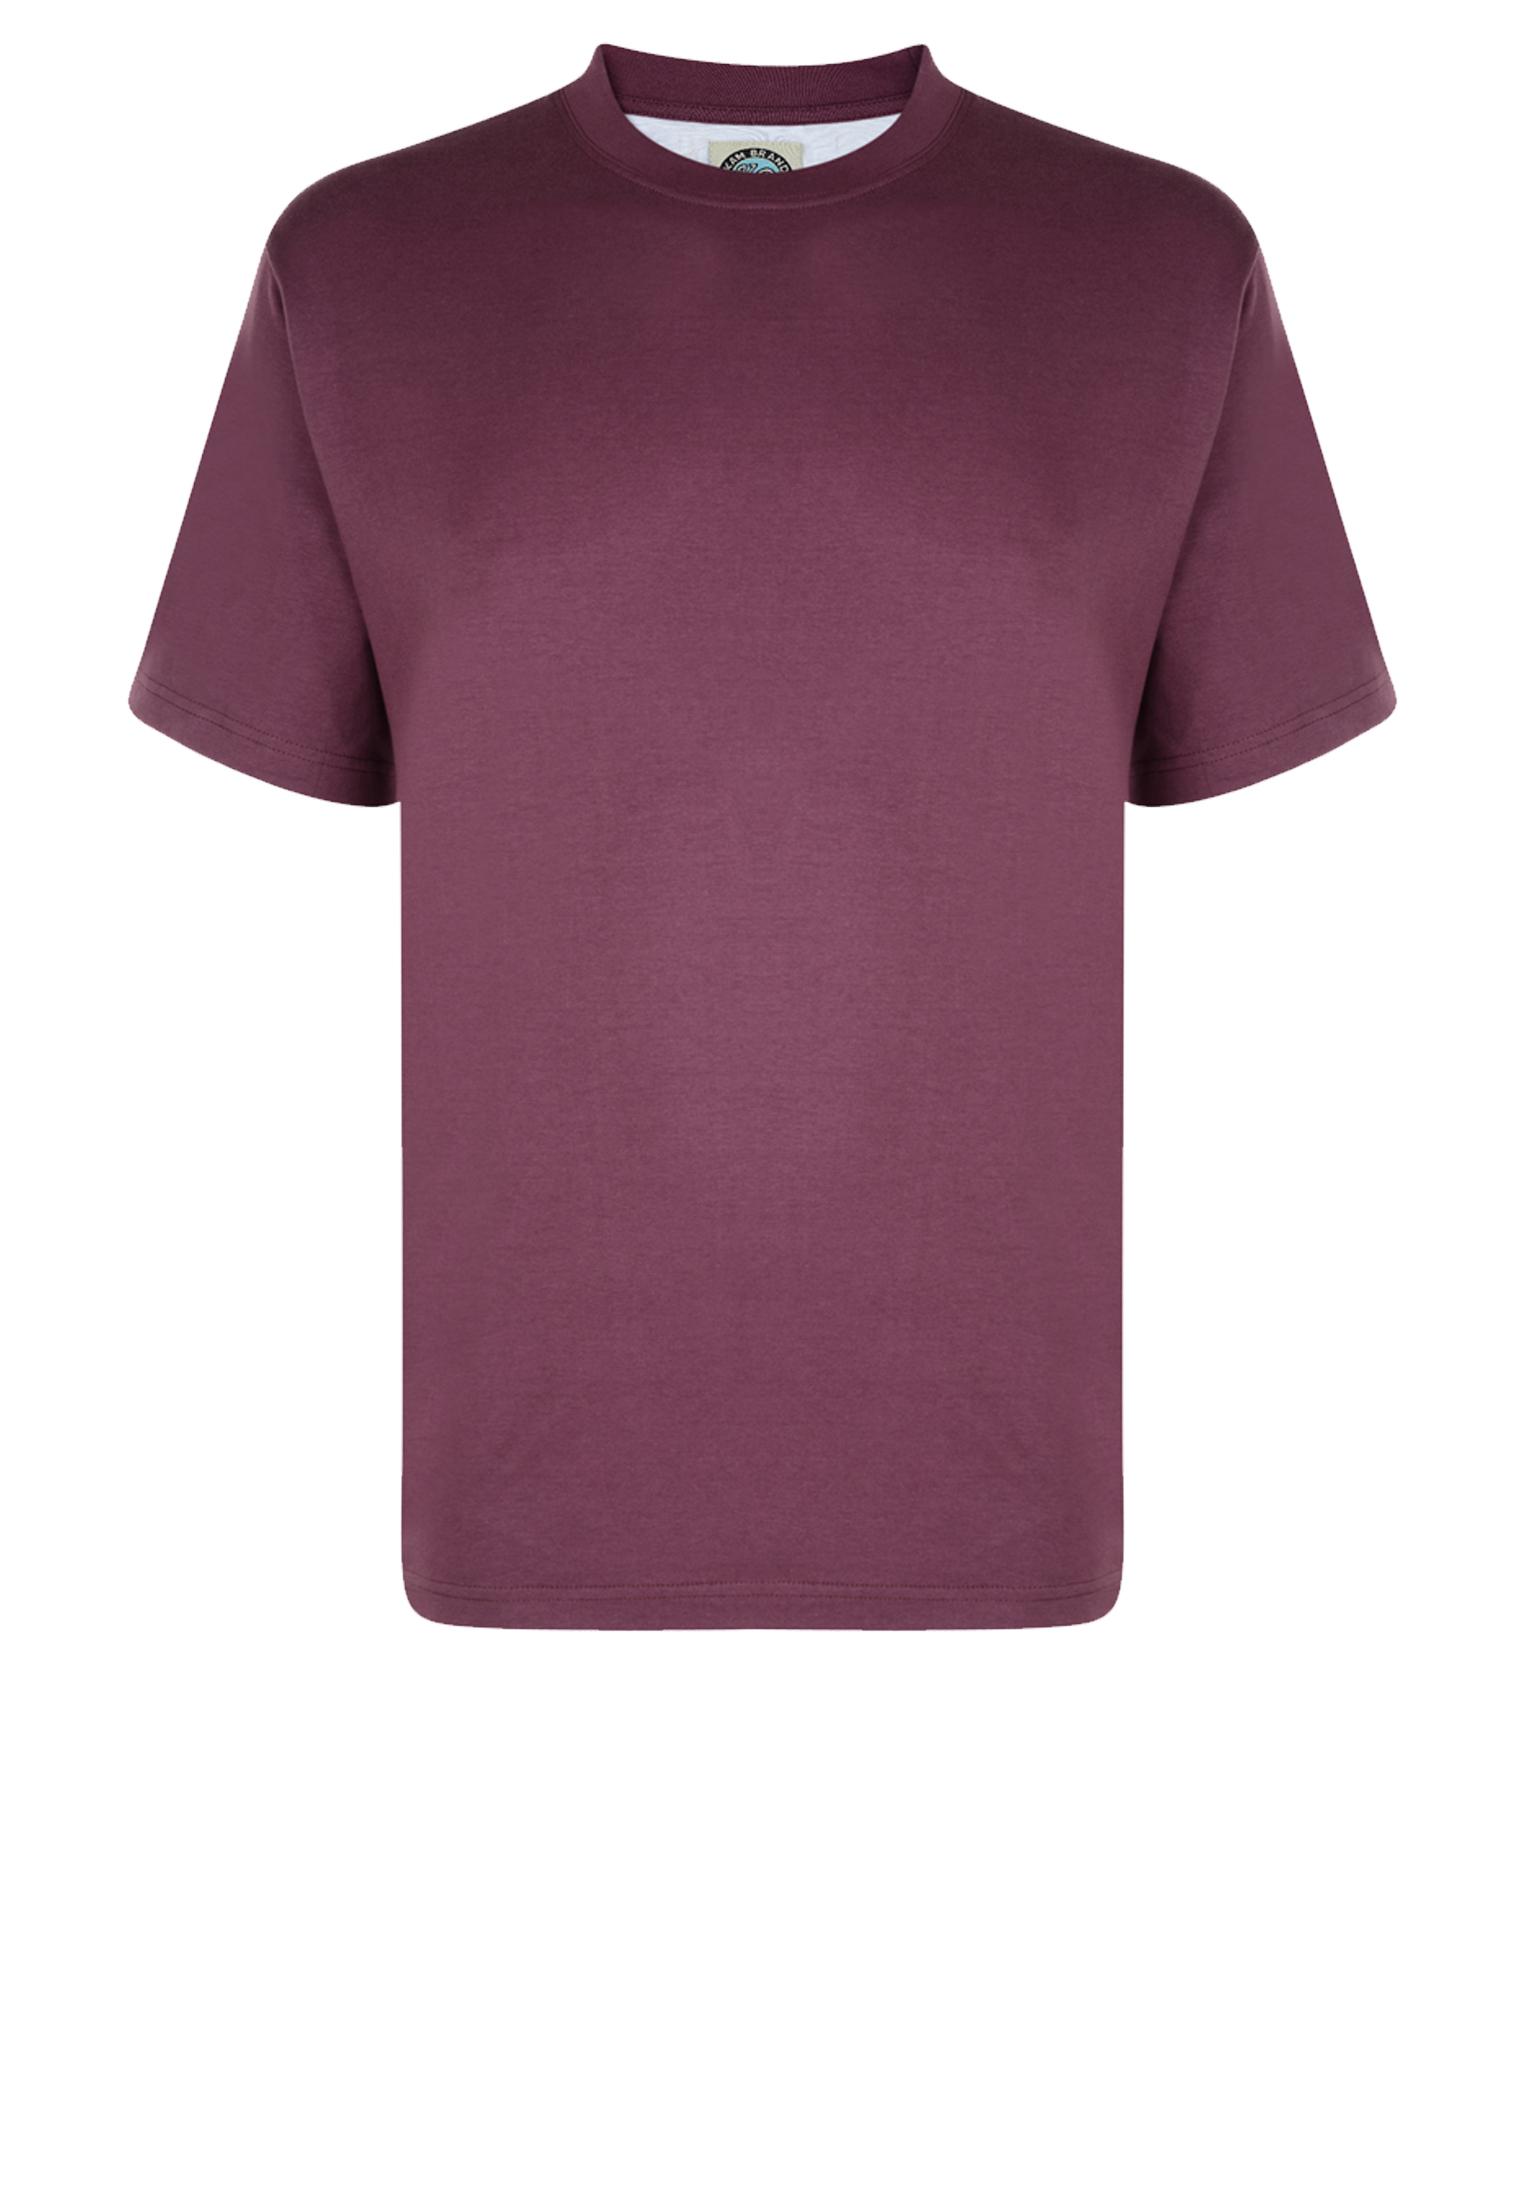 KAM JEANSWEAR effen kleur t-shirt met ronde hals in de kleur paars.